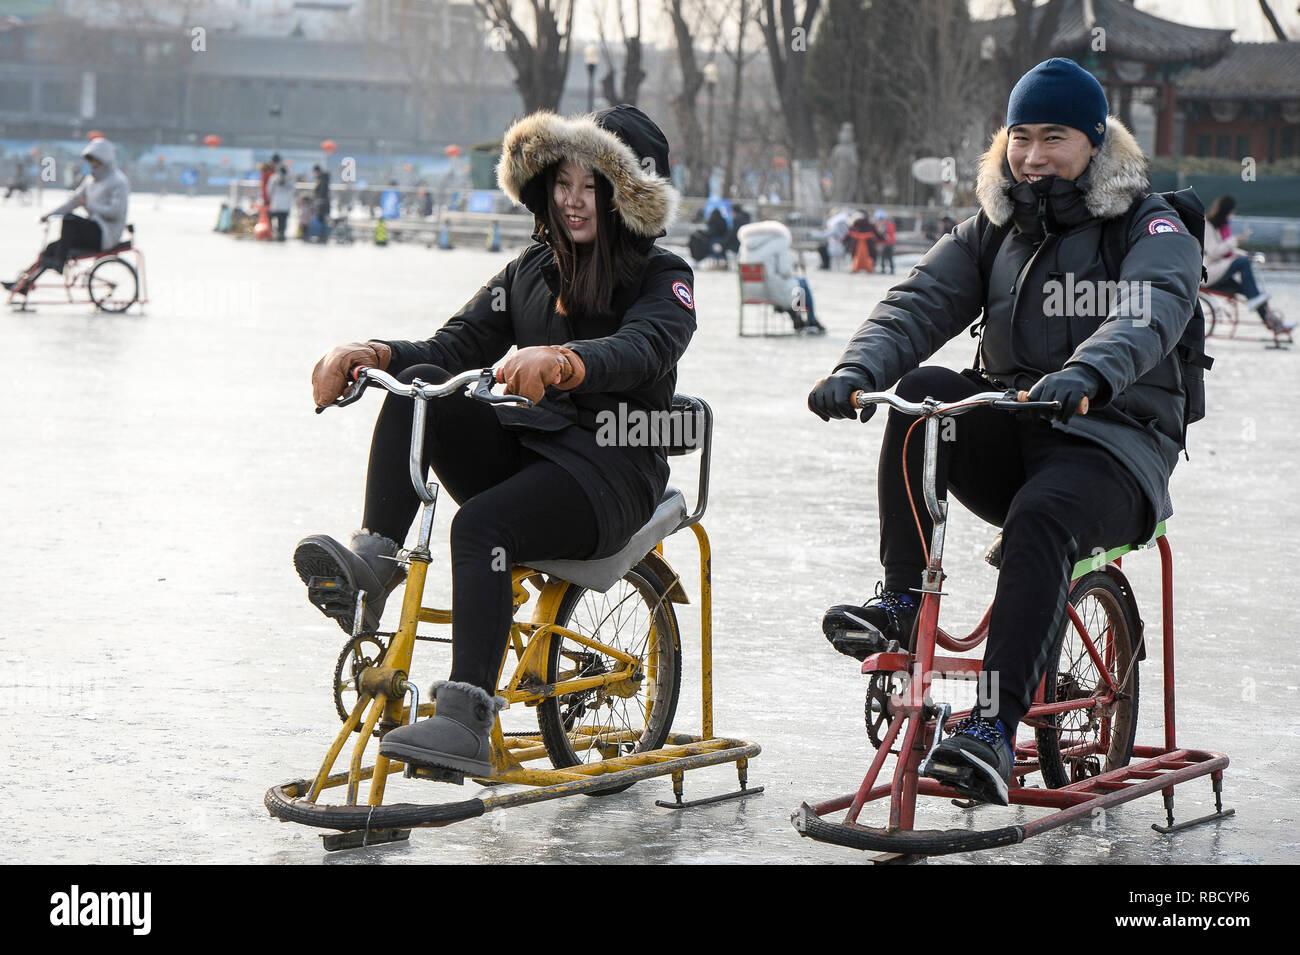 Pechino, Cina. 9 Gen, 2019. La gente ride bici ghiaccio e pattinaggio su un congelati lago Qianhai nel centro di Pechino, Cina, 09/01/2019 da Wiktor Dabkowski   Utilizzo di credito in tutto il mondo: dpa/Alamy Live News Immagini Stock